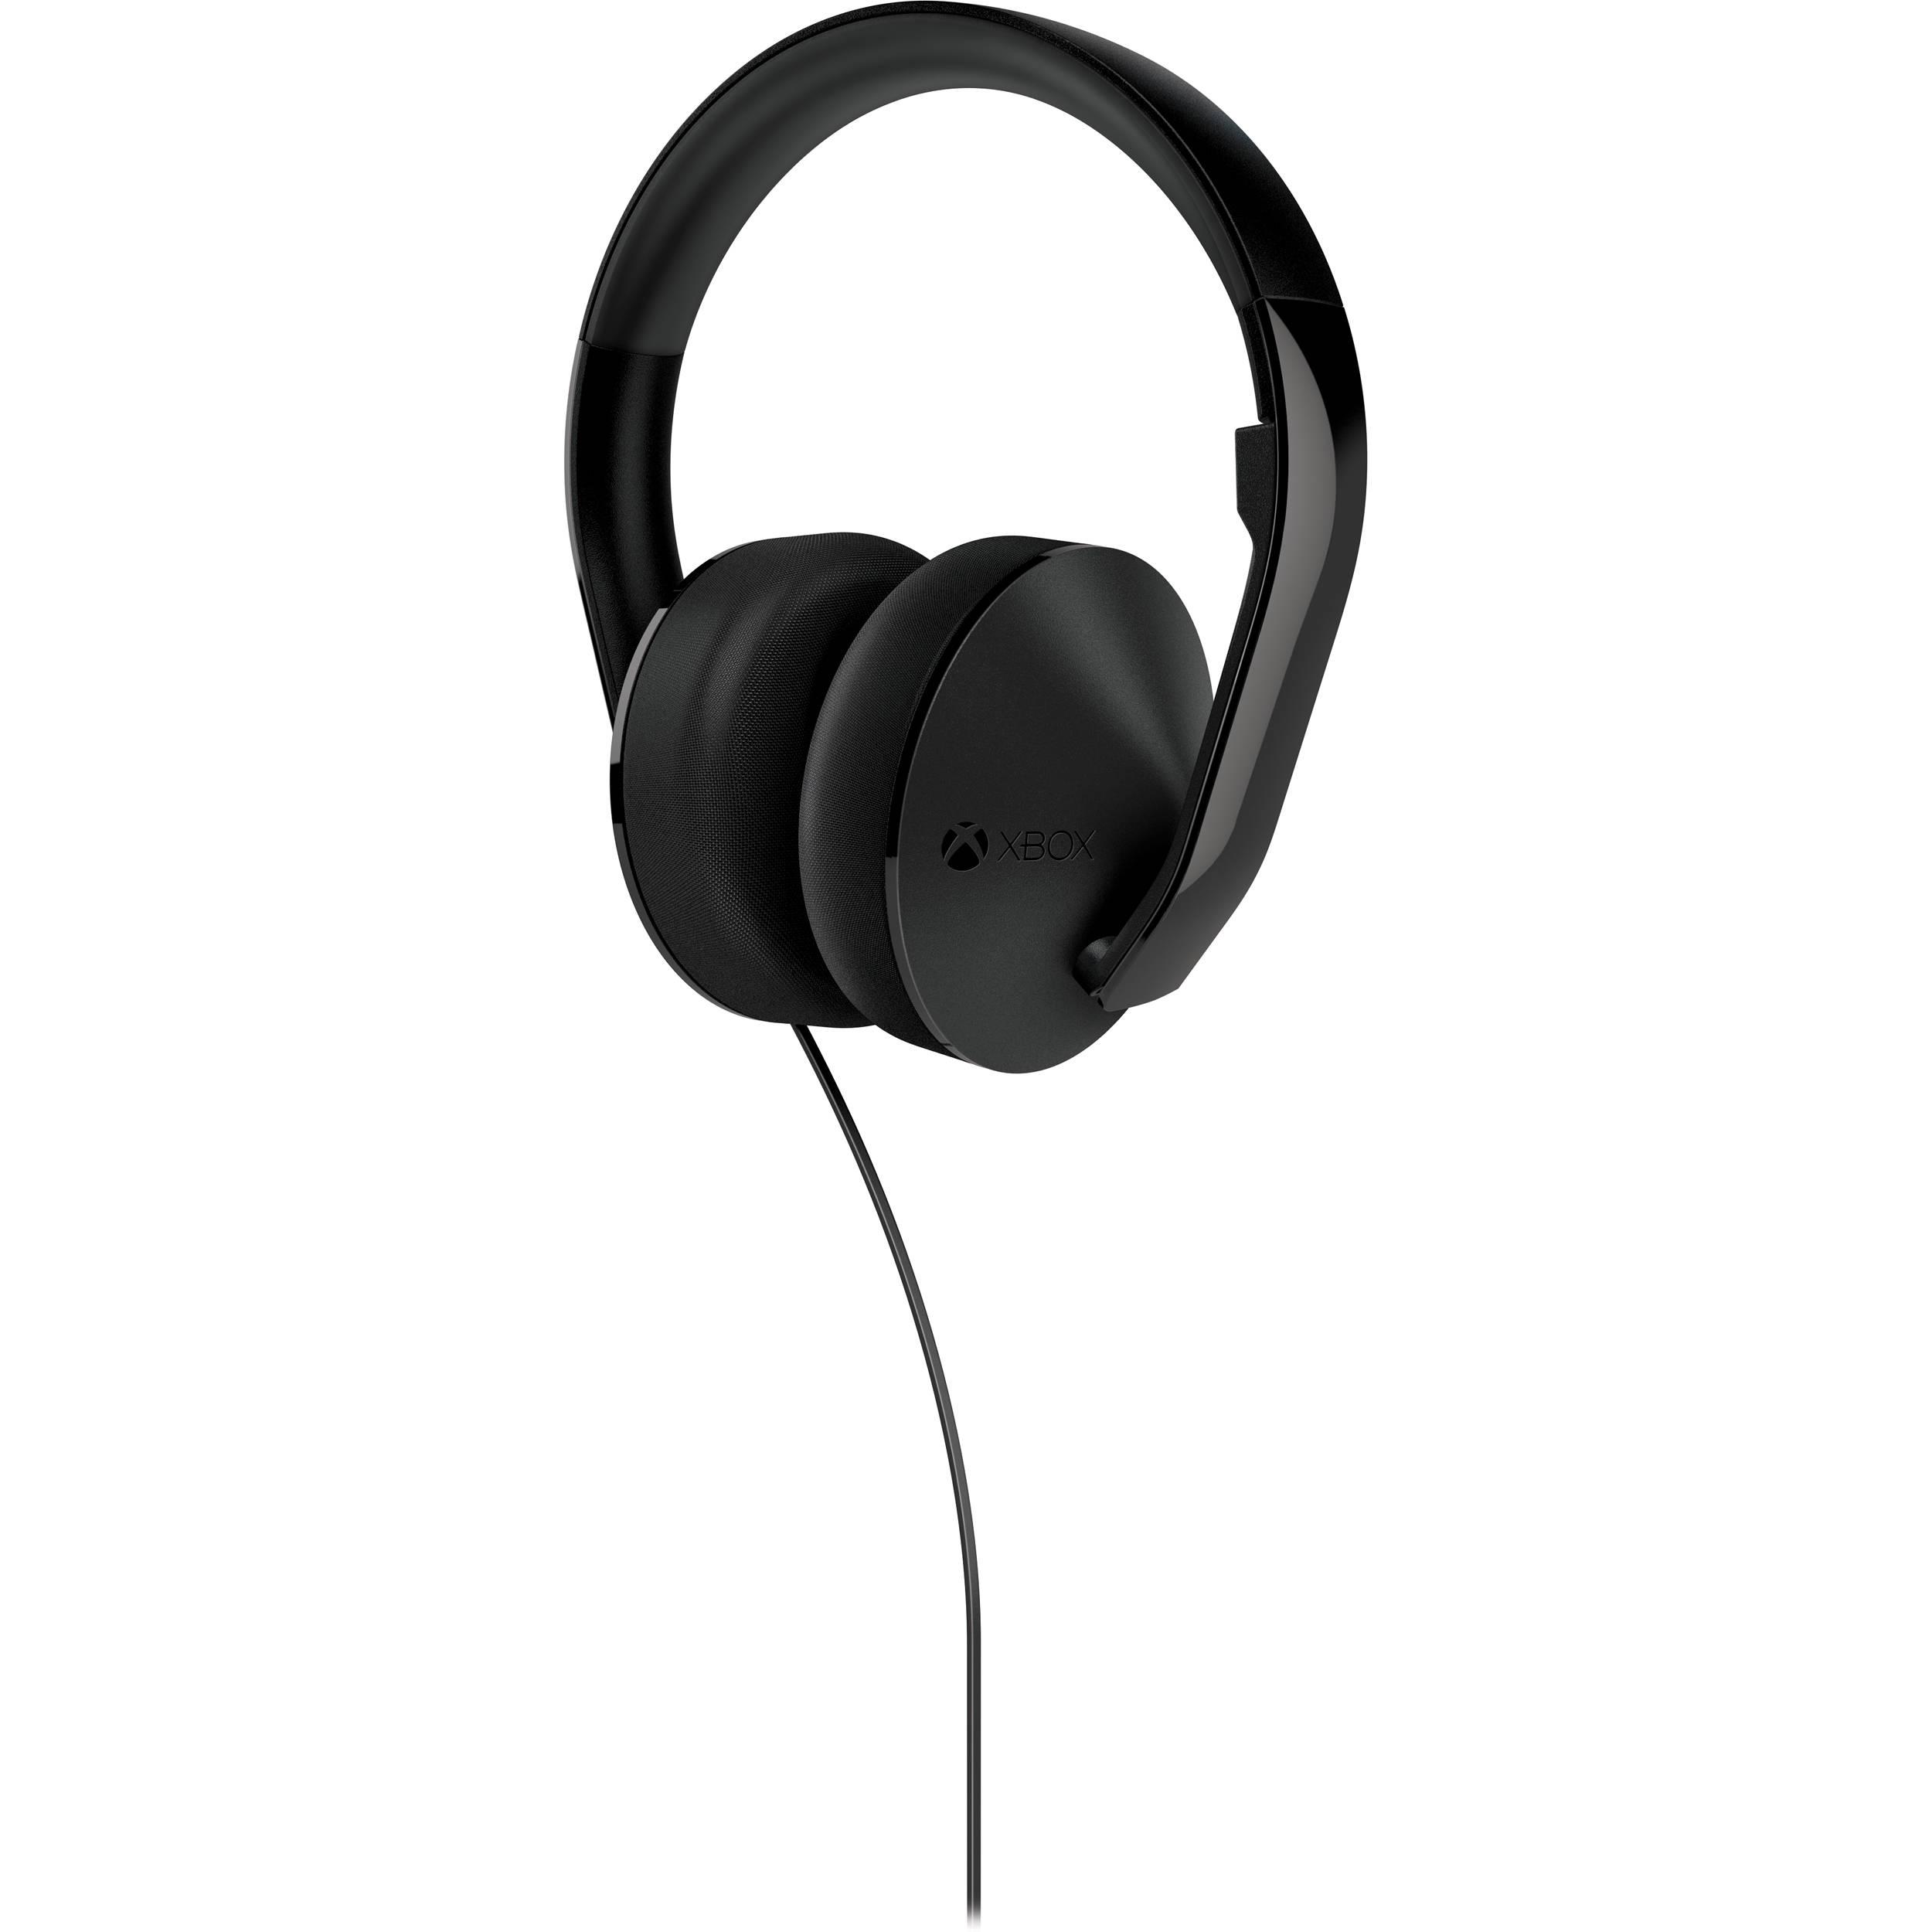 Microsoft Xbox One Stereo Headset (Black)